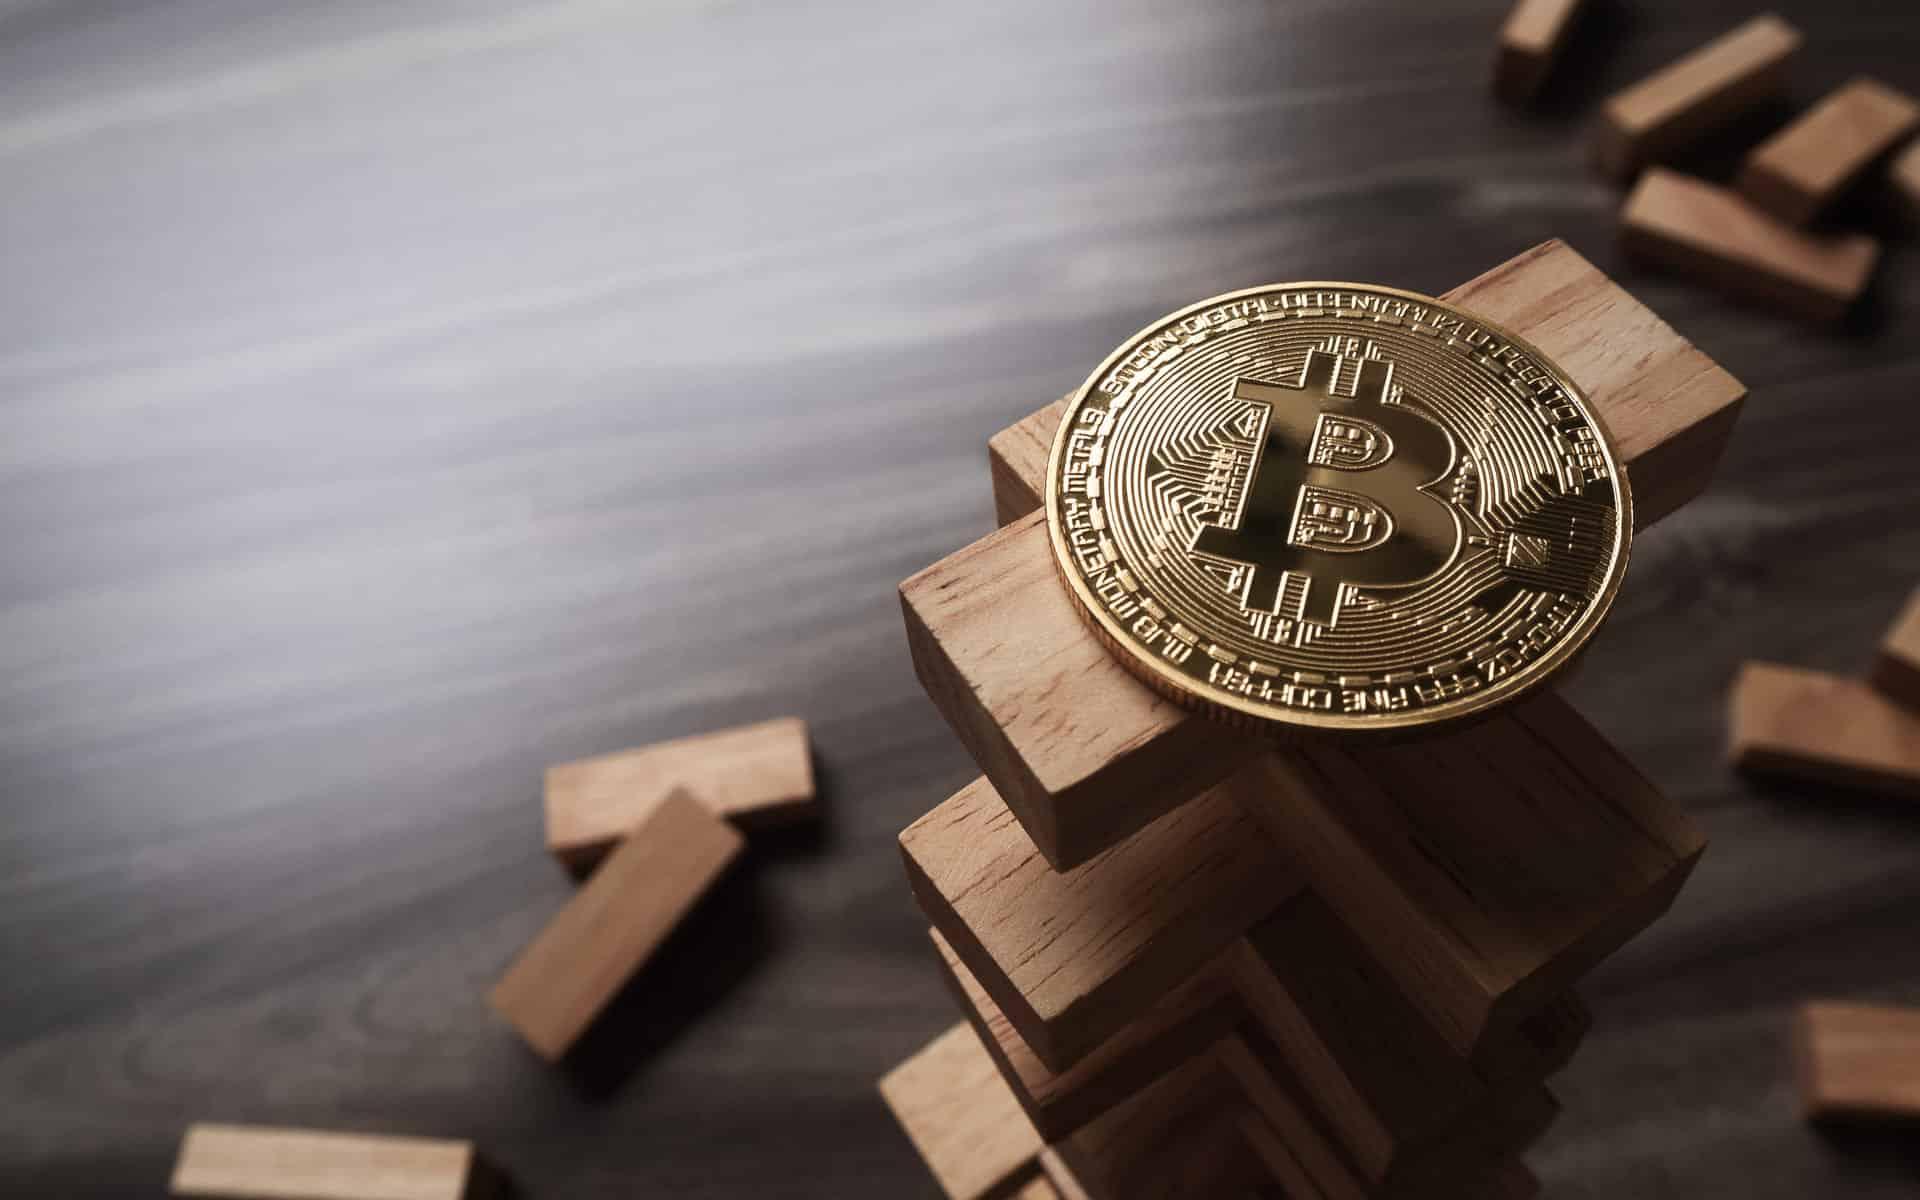 Bitcoin value sent to Darknet